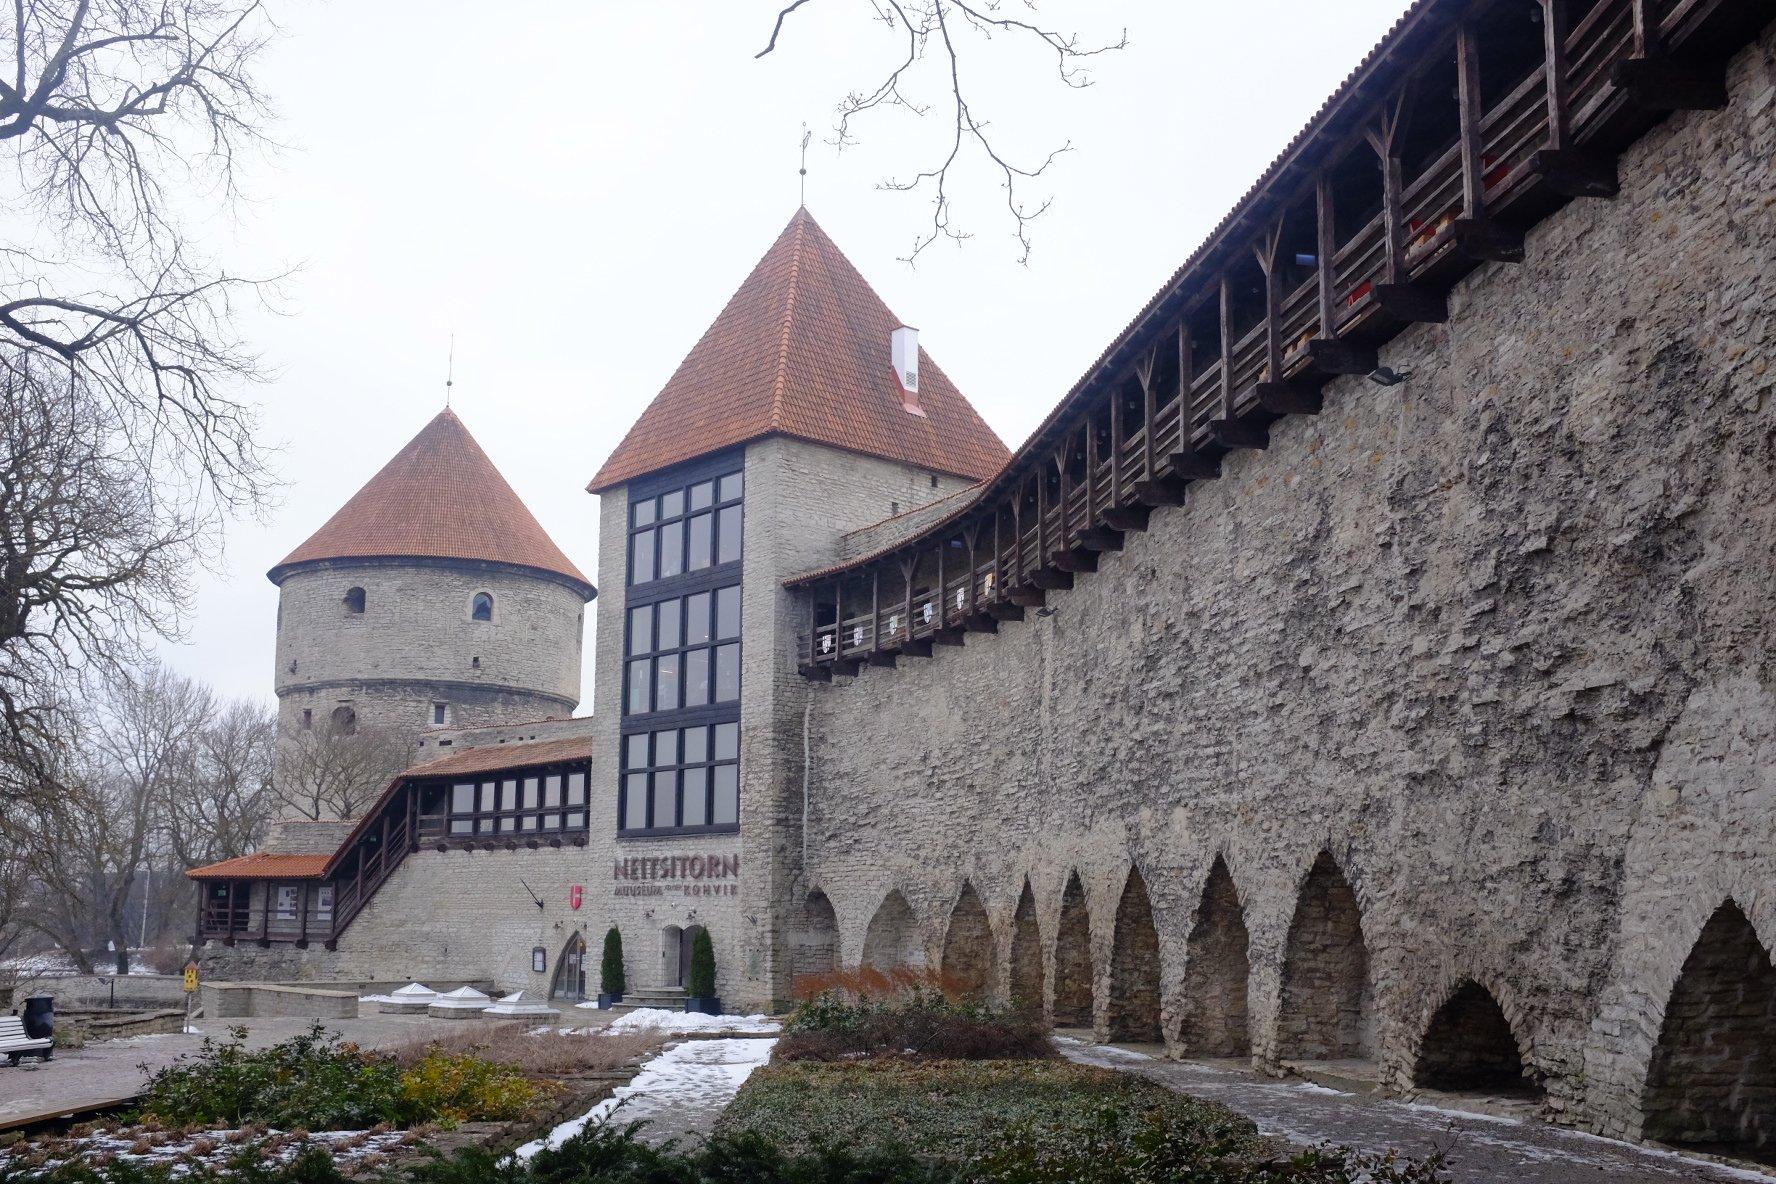 City Walls with Kiek in de Kök in Tallinn